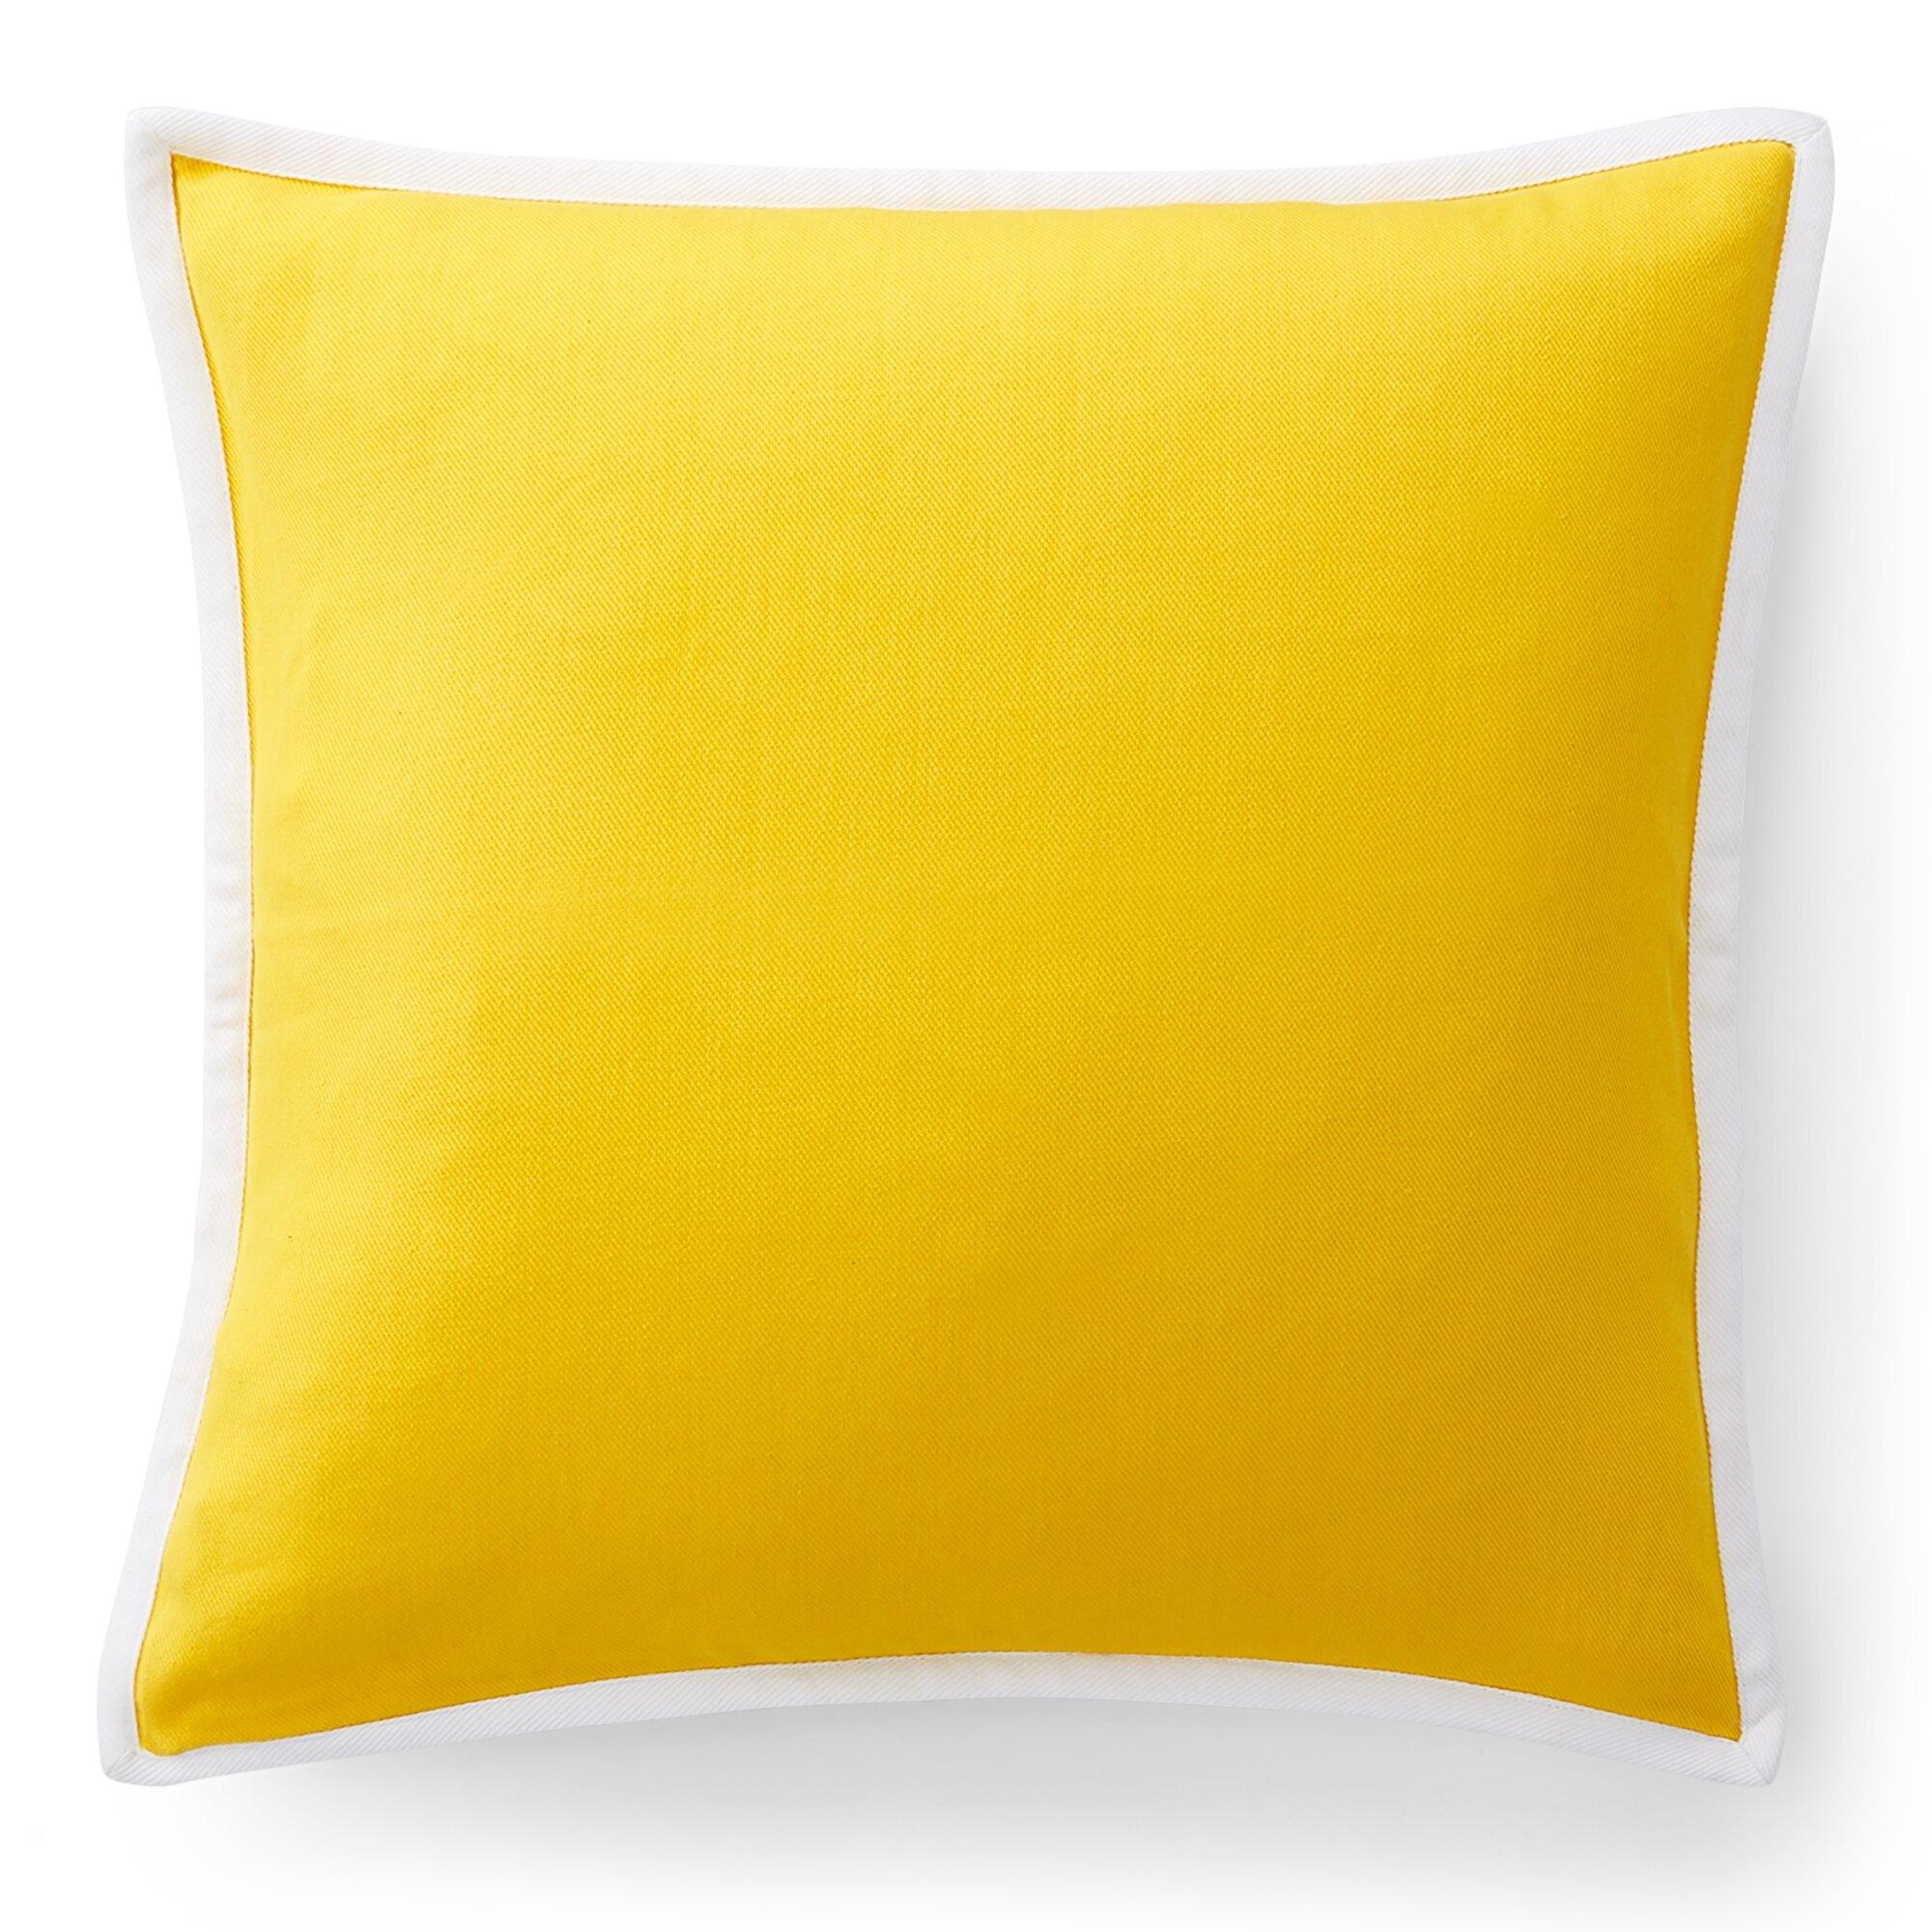 Cotton Lauren Ralph Lauren Throw Pillows You Ll Love In 2021 Wayfair